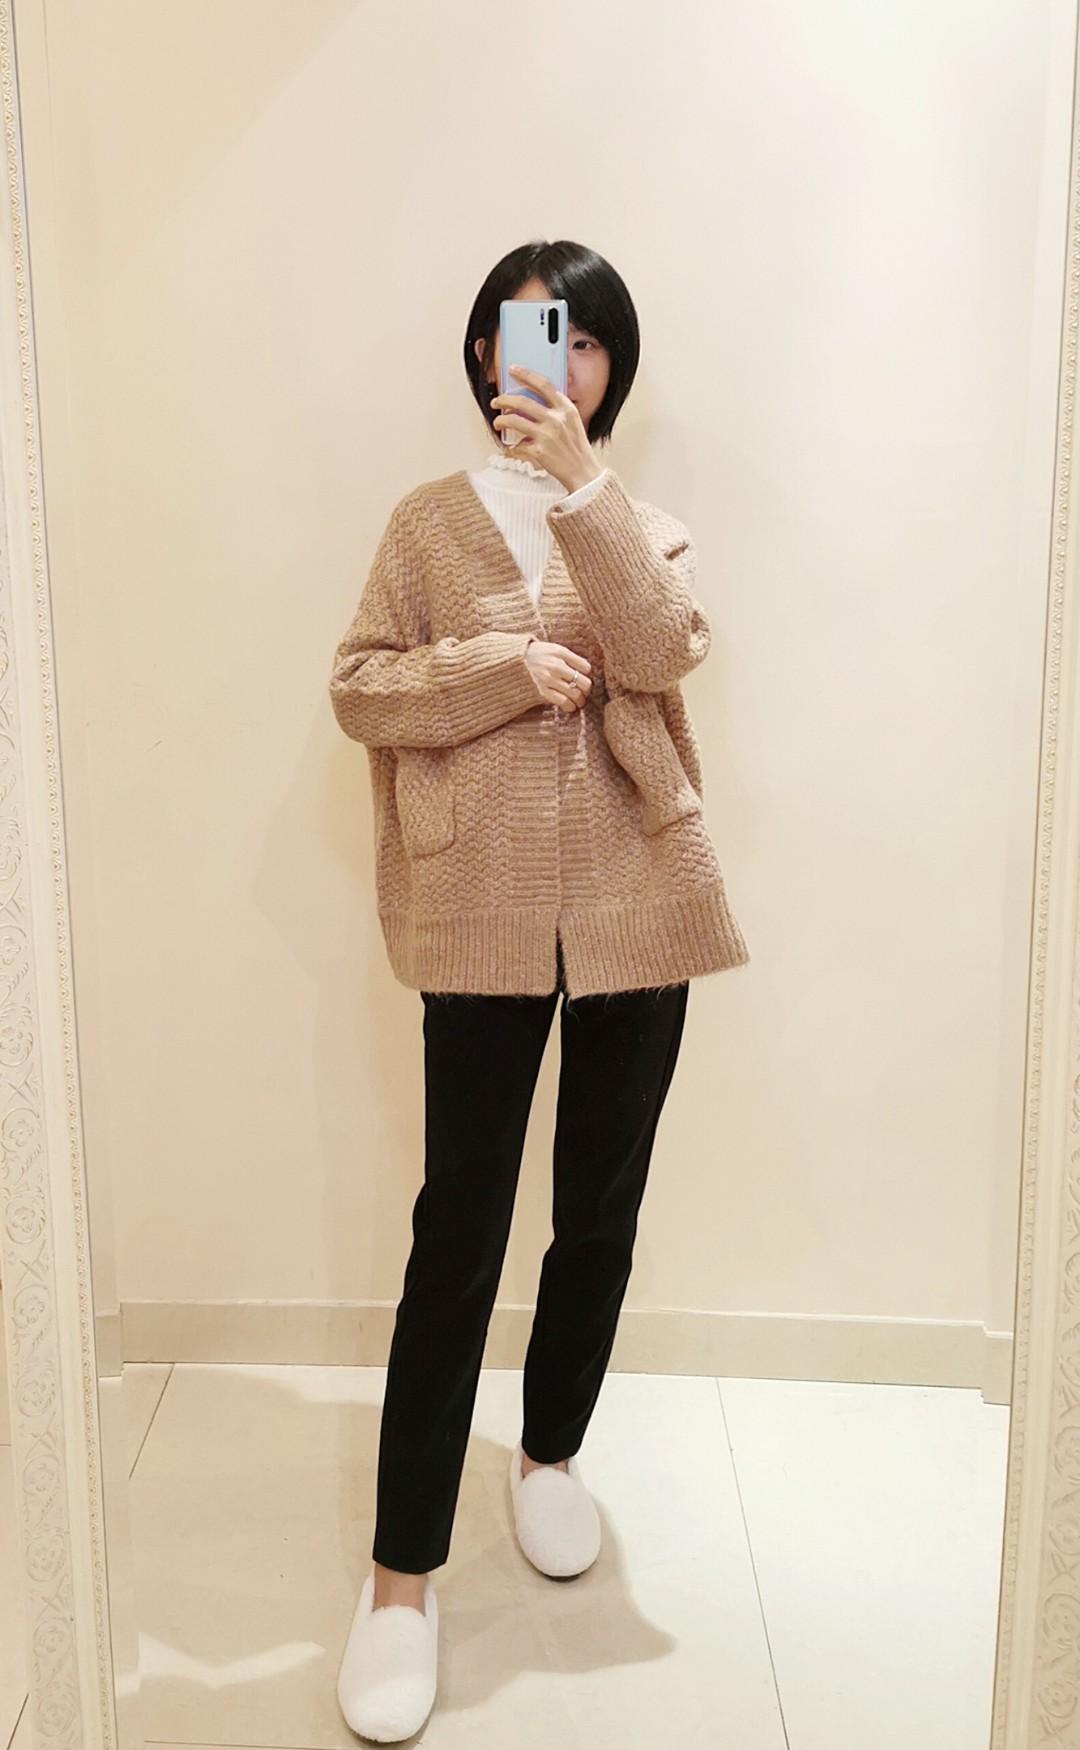 厚实的毛衣外套,很休闲的感觉😍😍😍 #秋冬毛衣控#